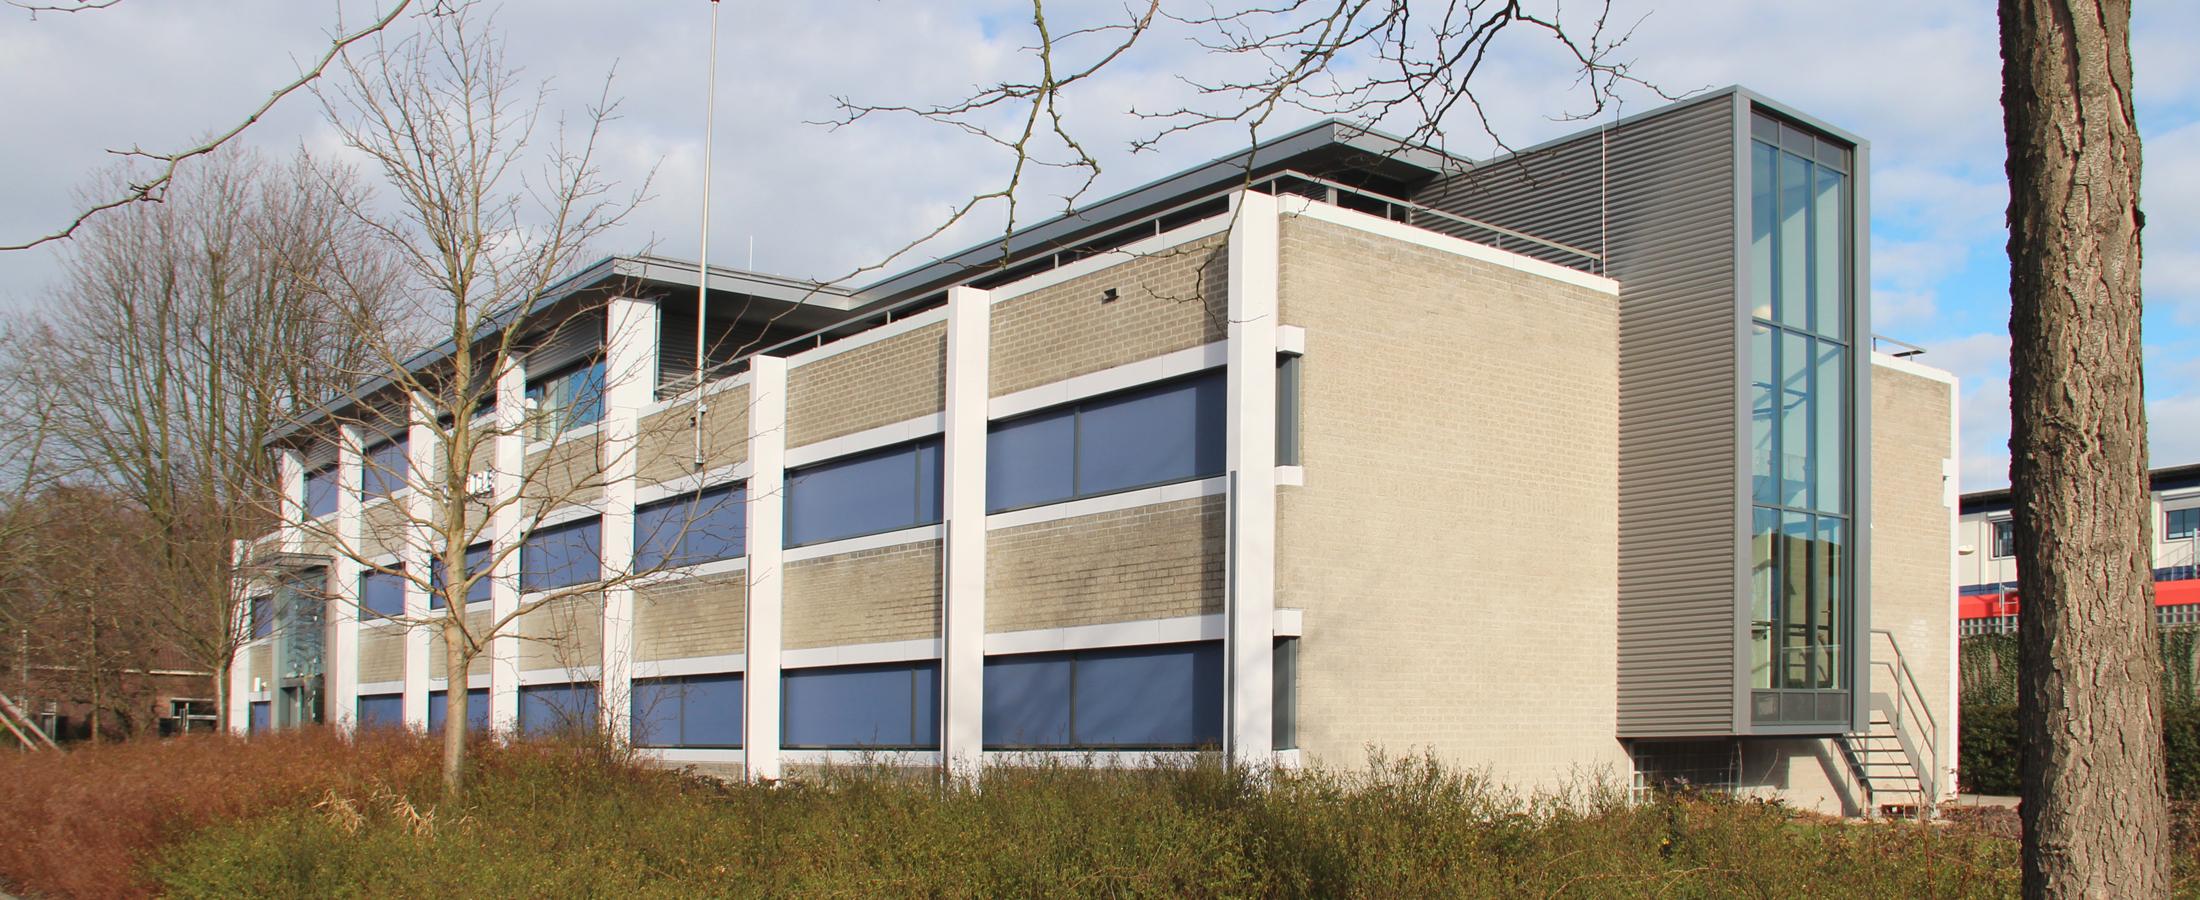 Politiebureau, Ridderkerk